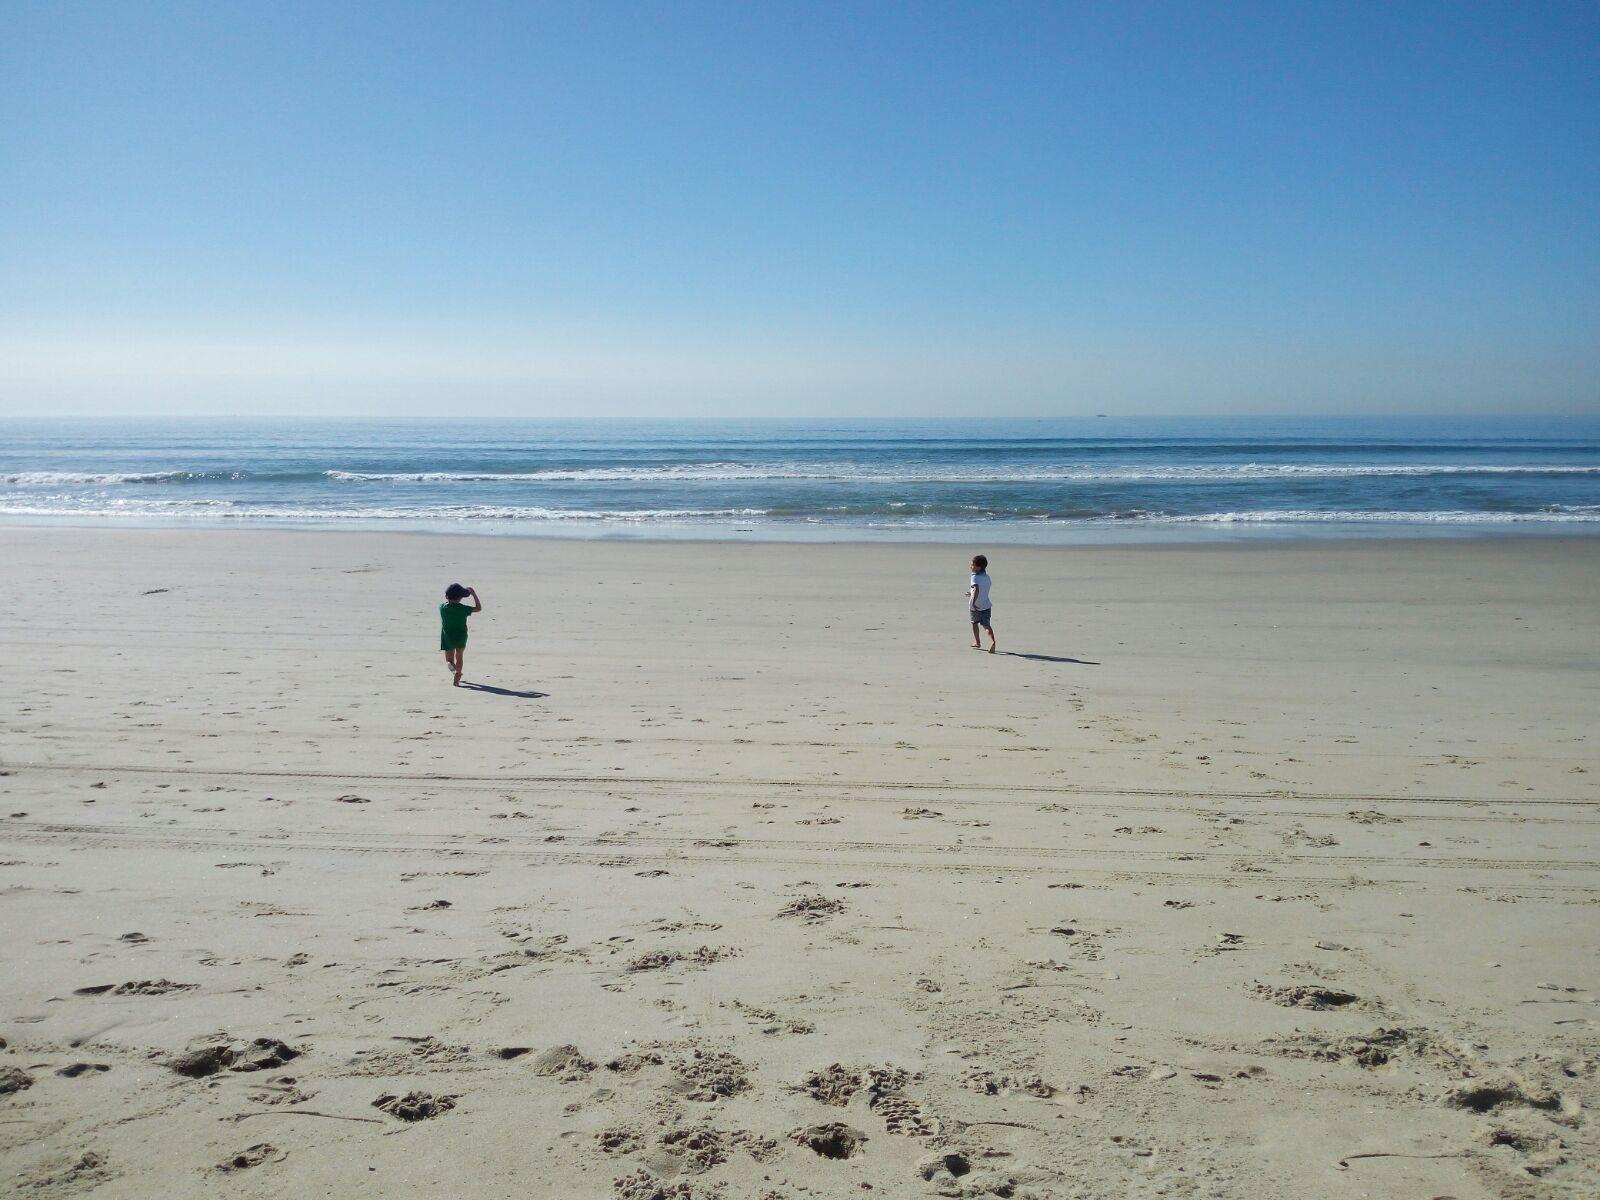 L'infinita spiaggia di San Diego, isola del Coronado - Foto Elena Magini © Su gentile concessione dell'autrice - tutti i diritti riservati